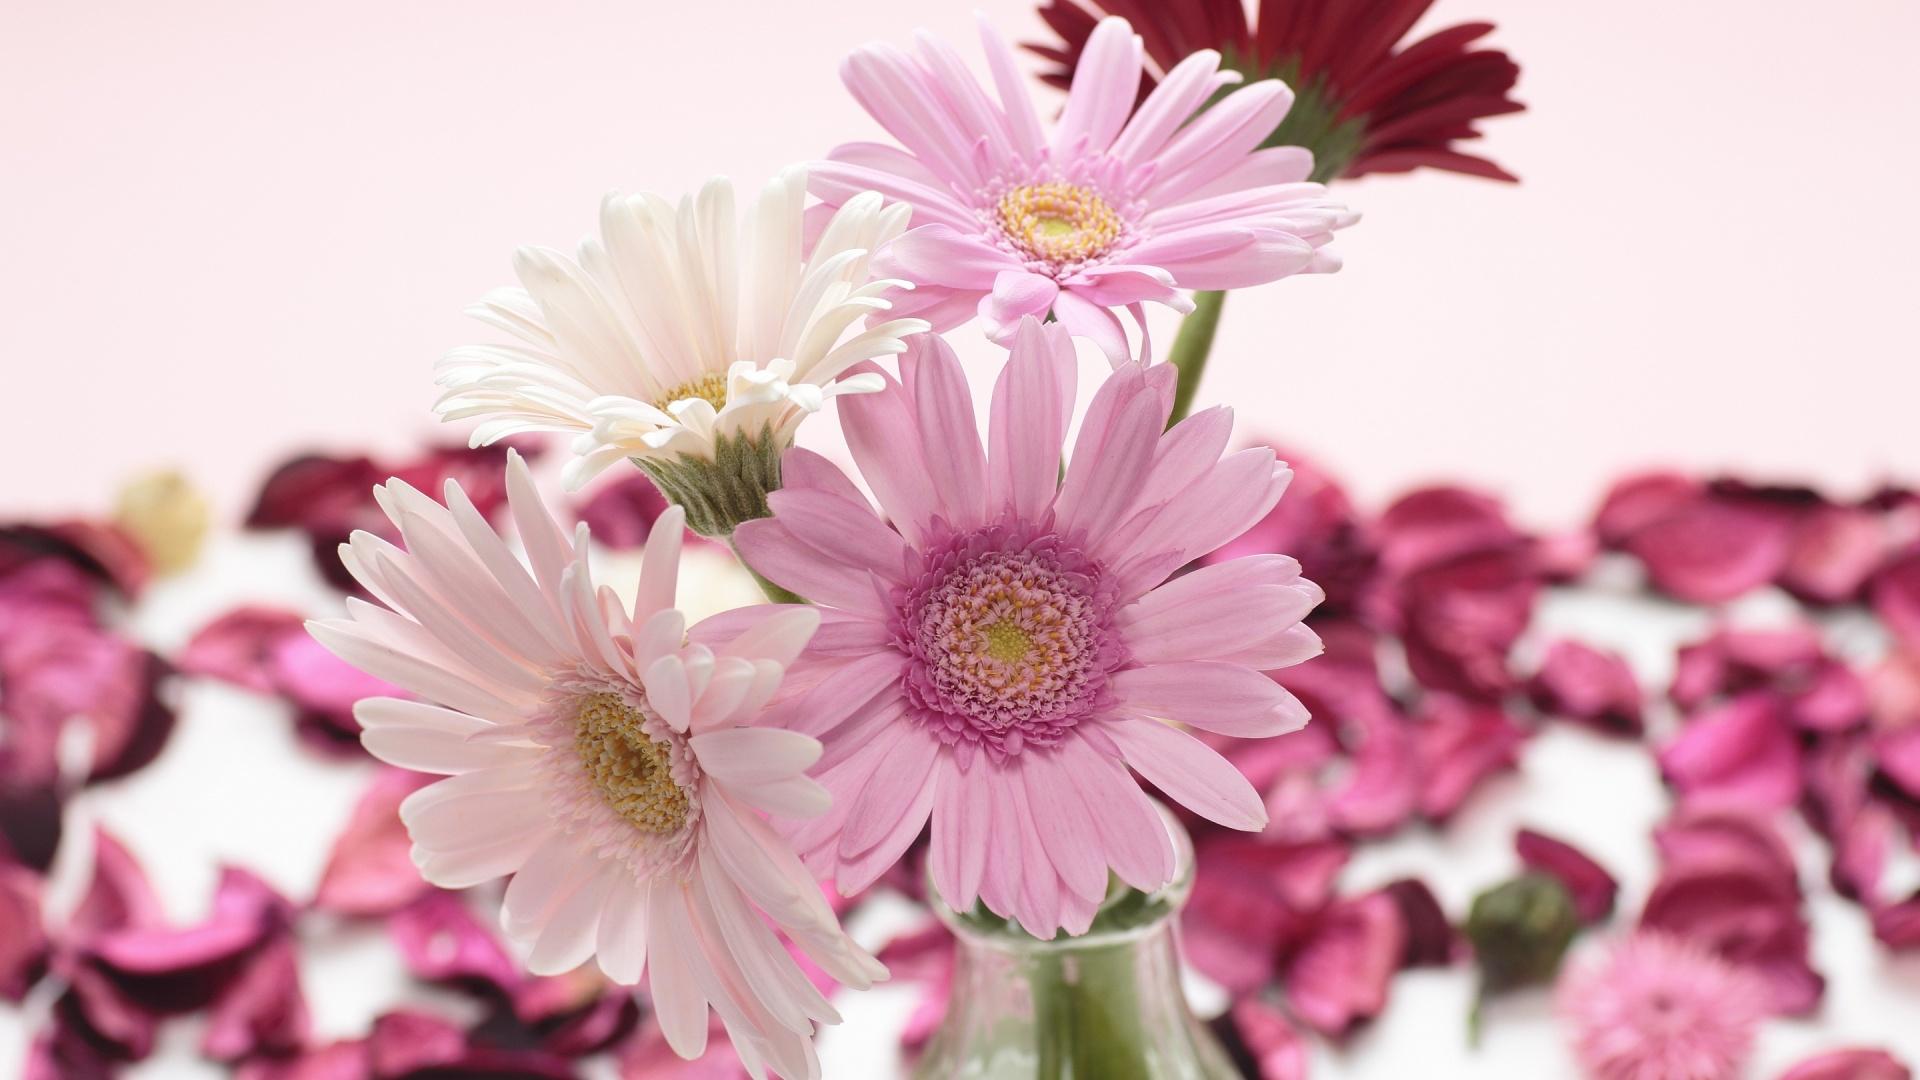 Pink white gerbera